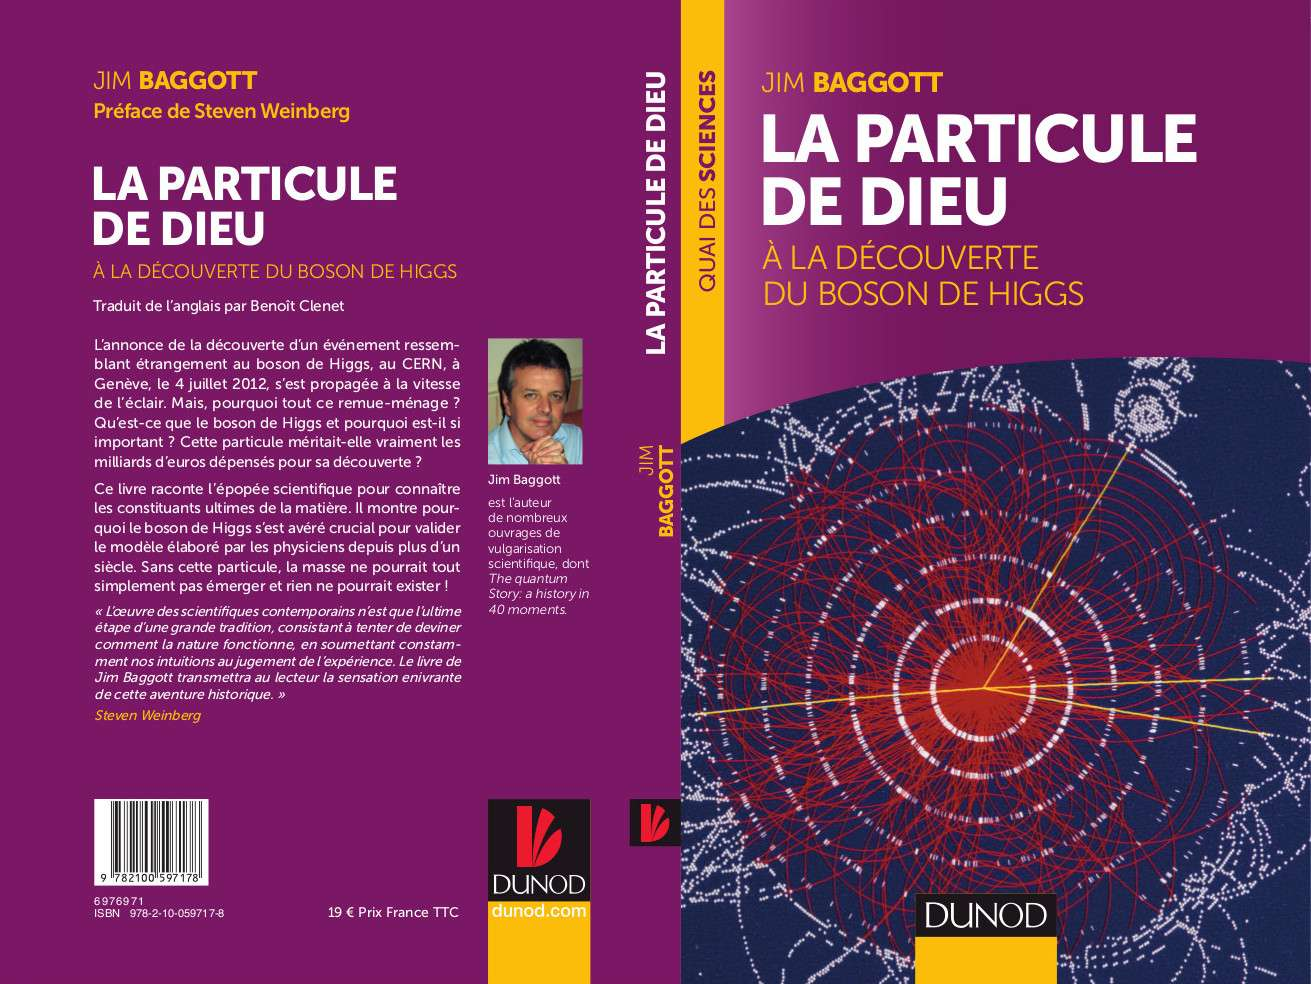 Découvrez ou redécouvrez l'histoire du boson de Higgs ! © Dunod